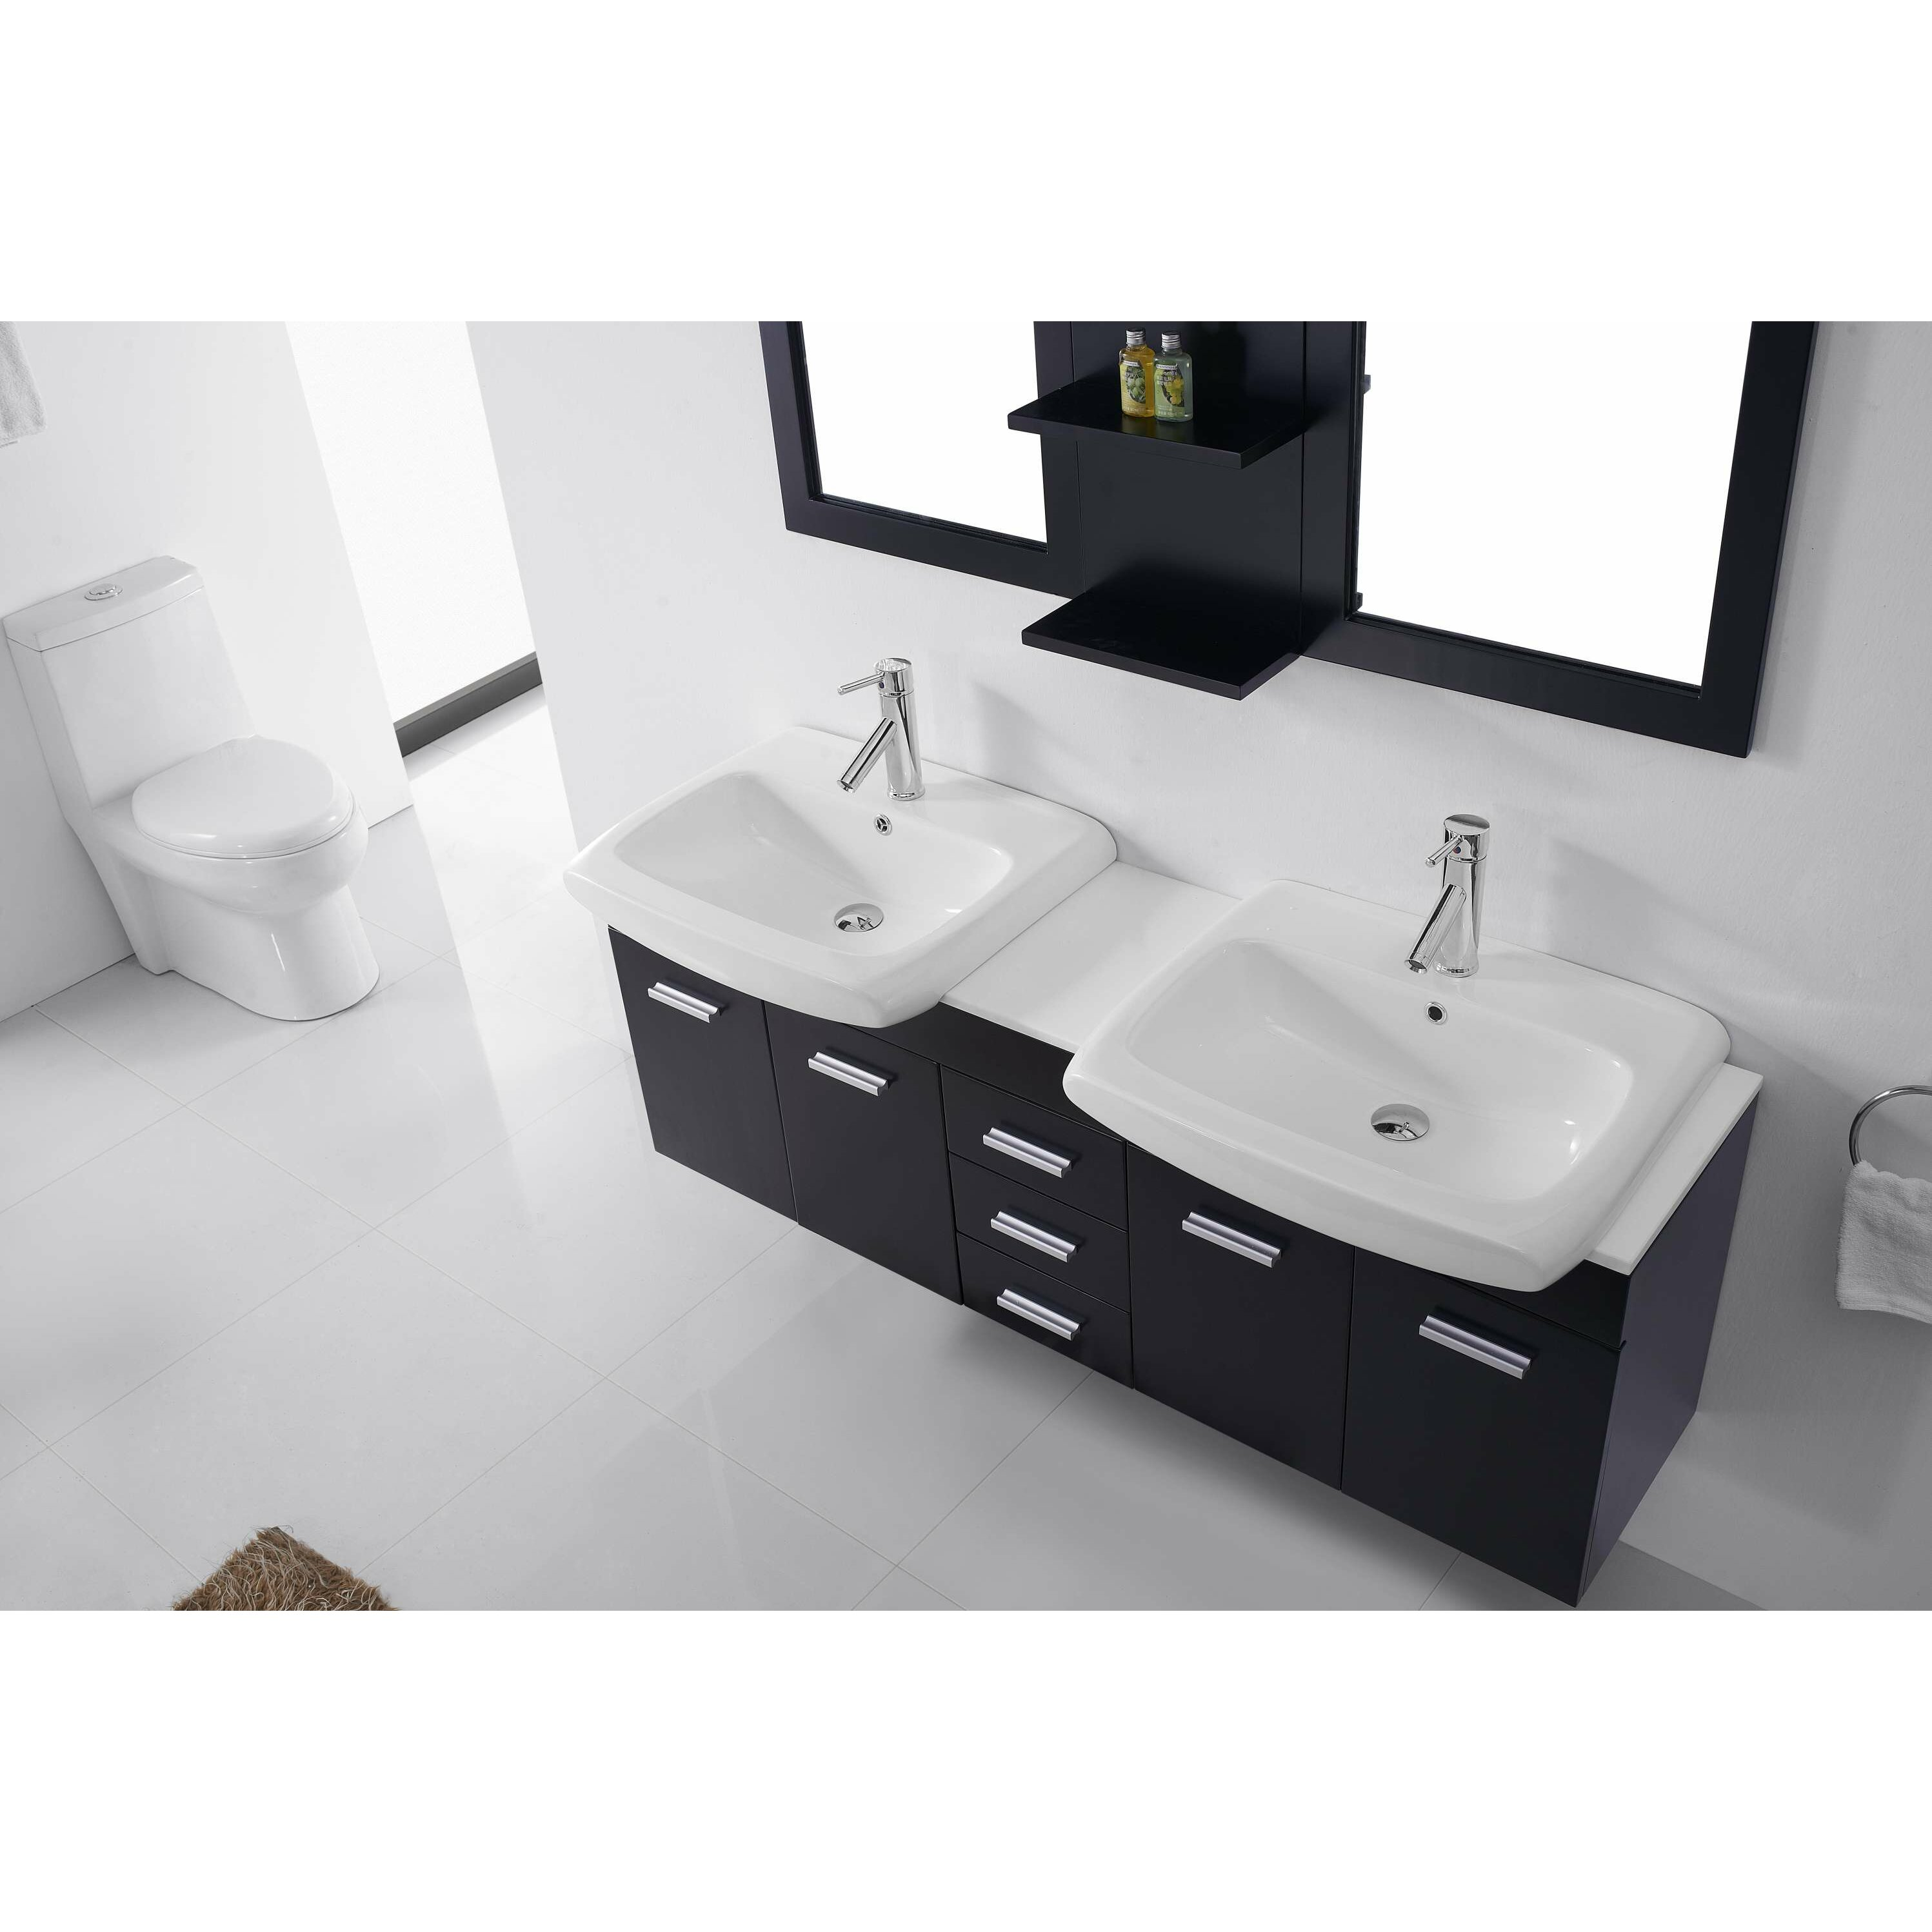 Virtu ultra modern series 59 double bathroom vanity set with mirror reviews for Ultra bathroom vanities burbank